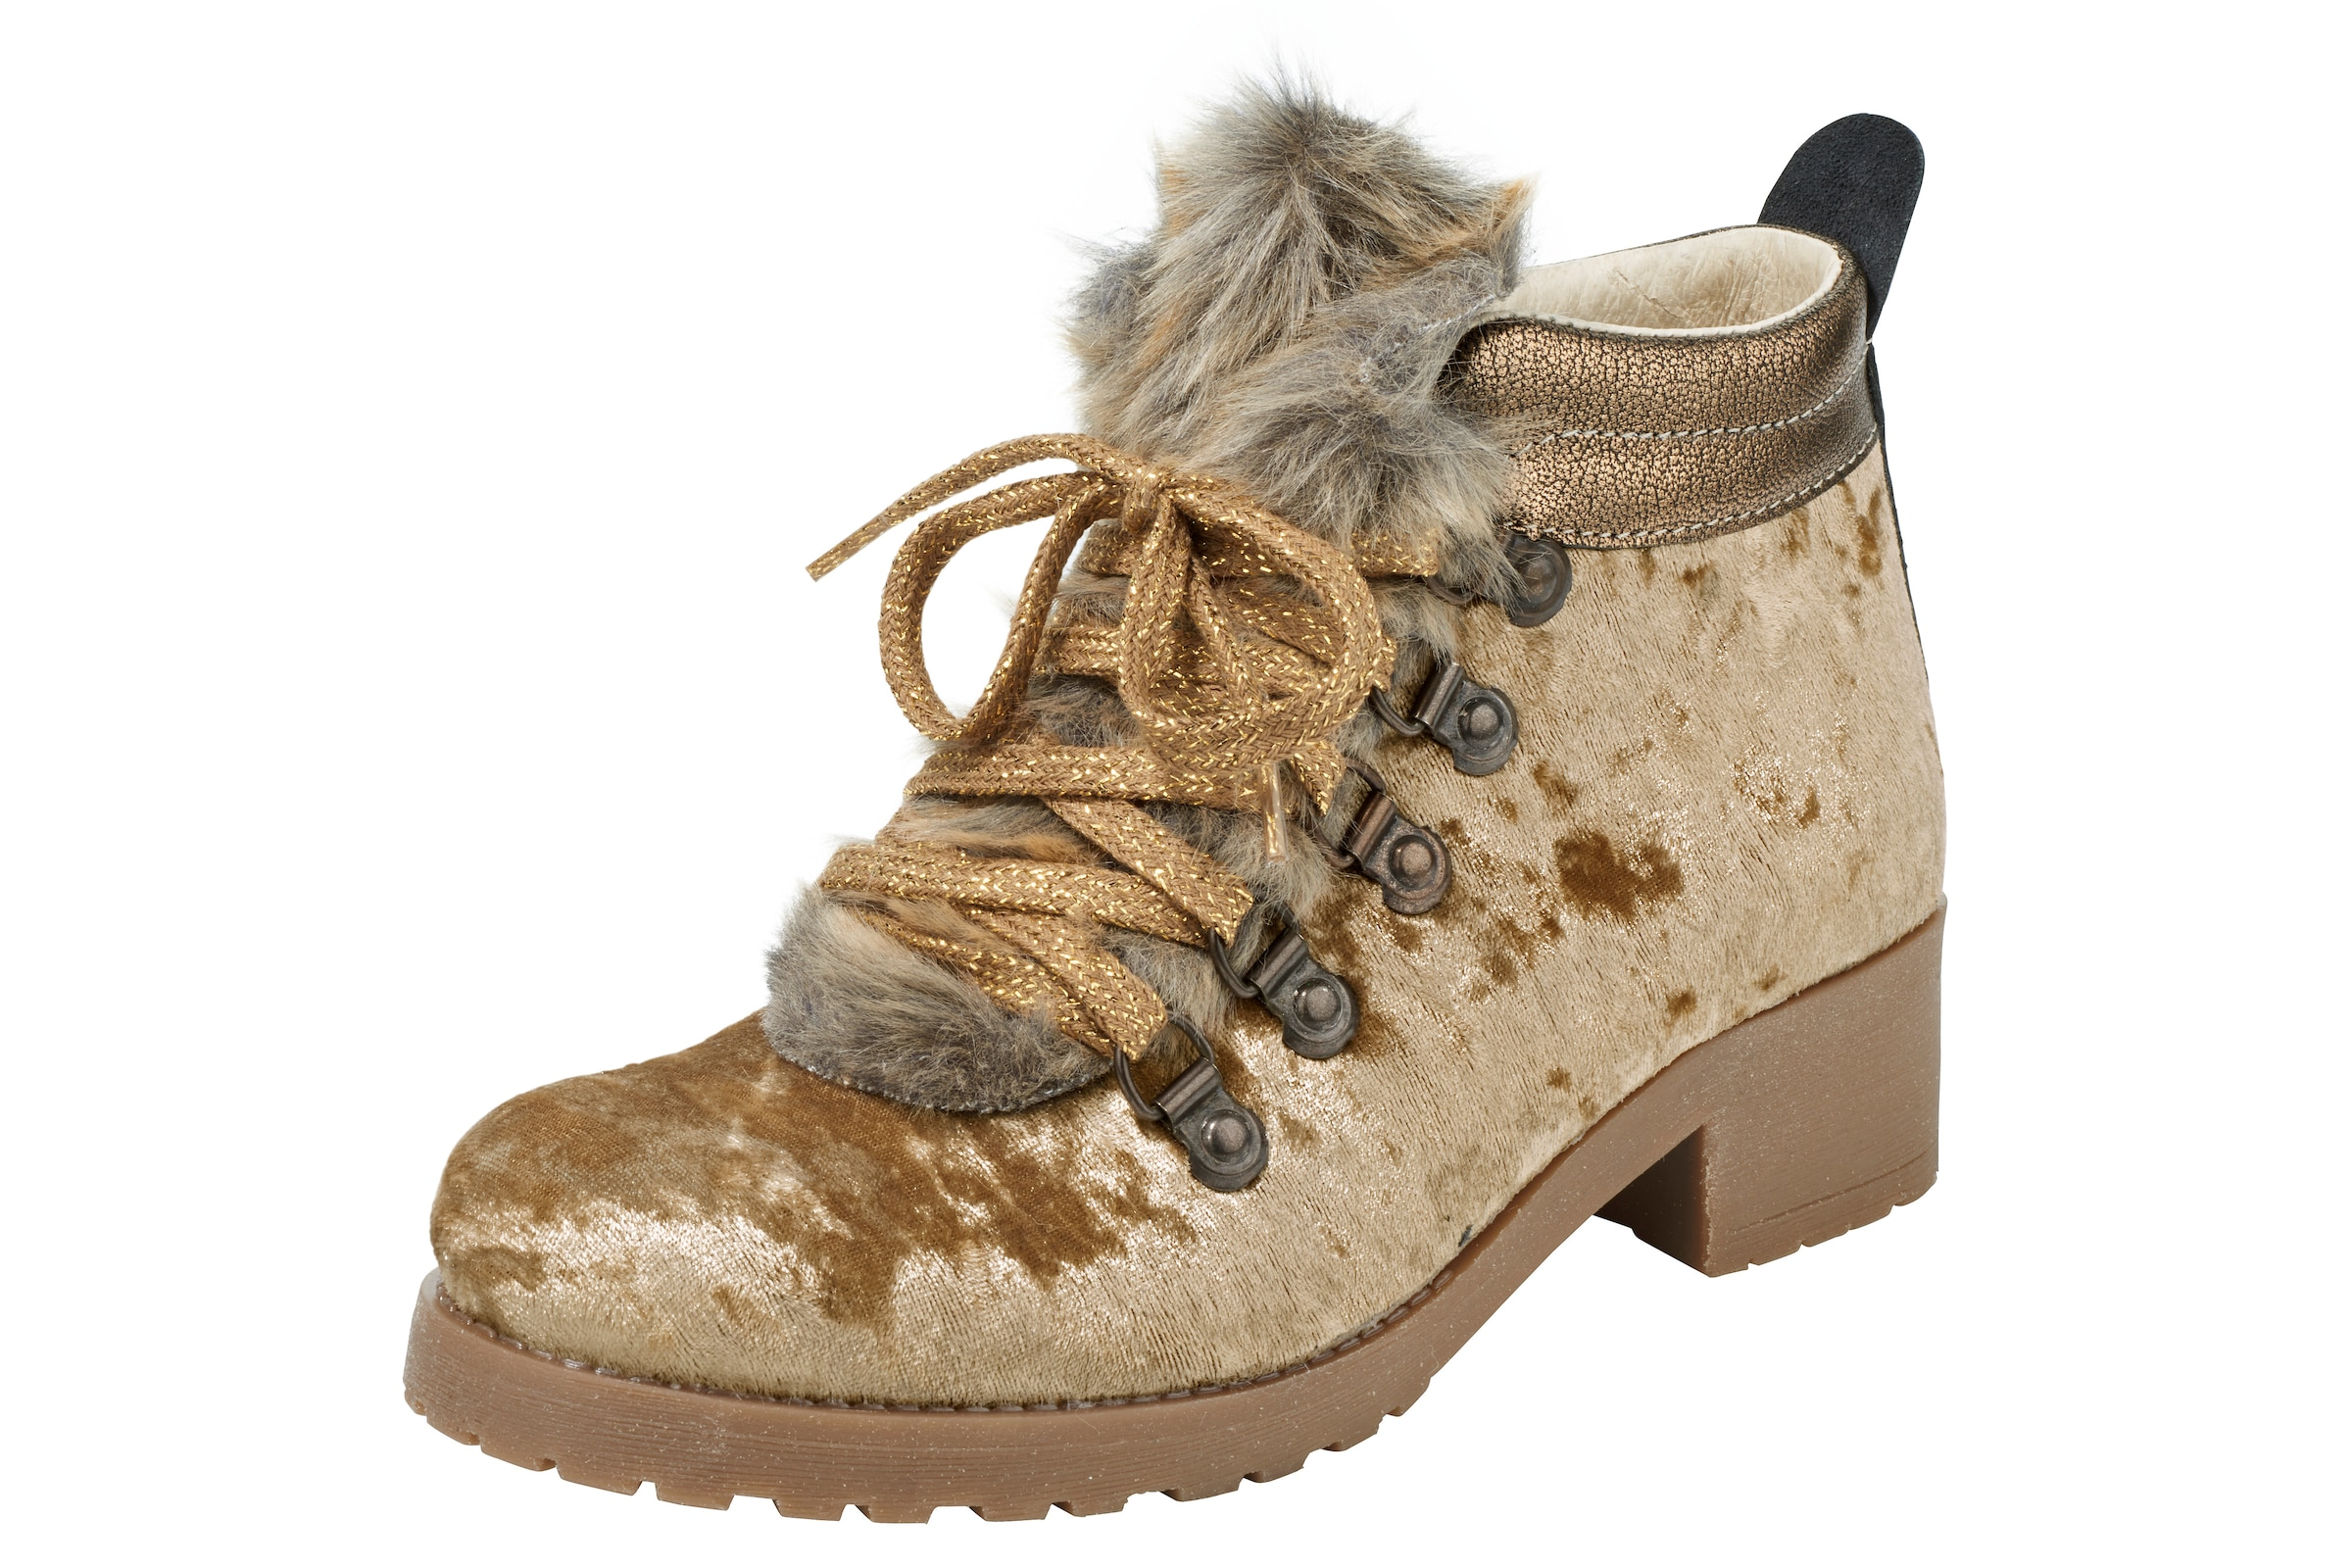 heine Stiefelette mit Webfell Verschleißfeste billige Schuhe